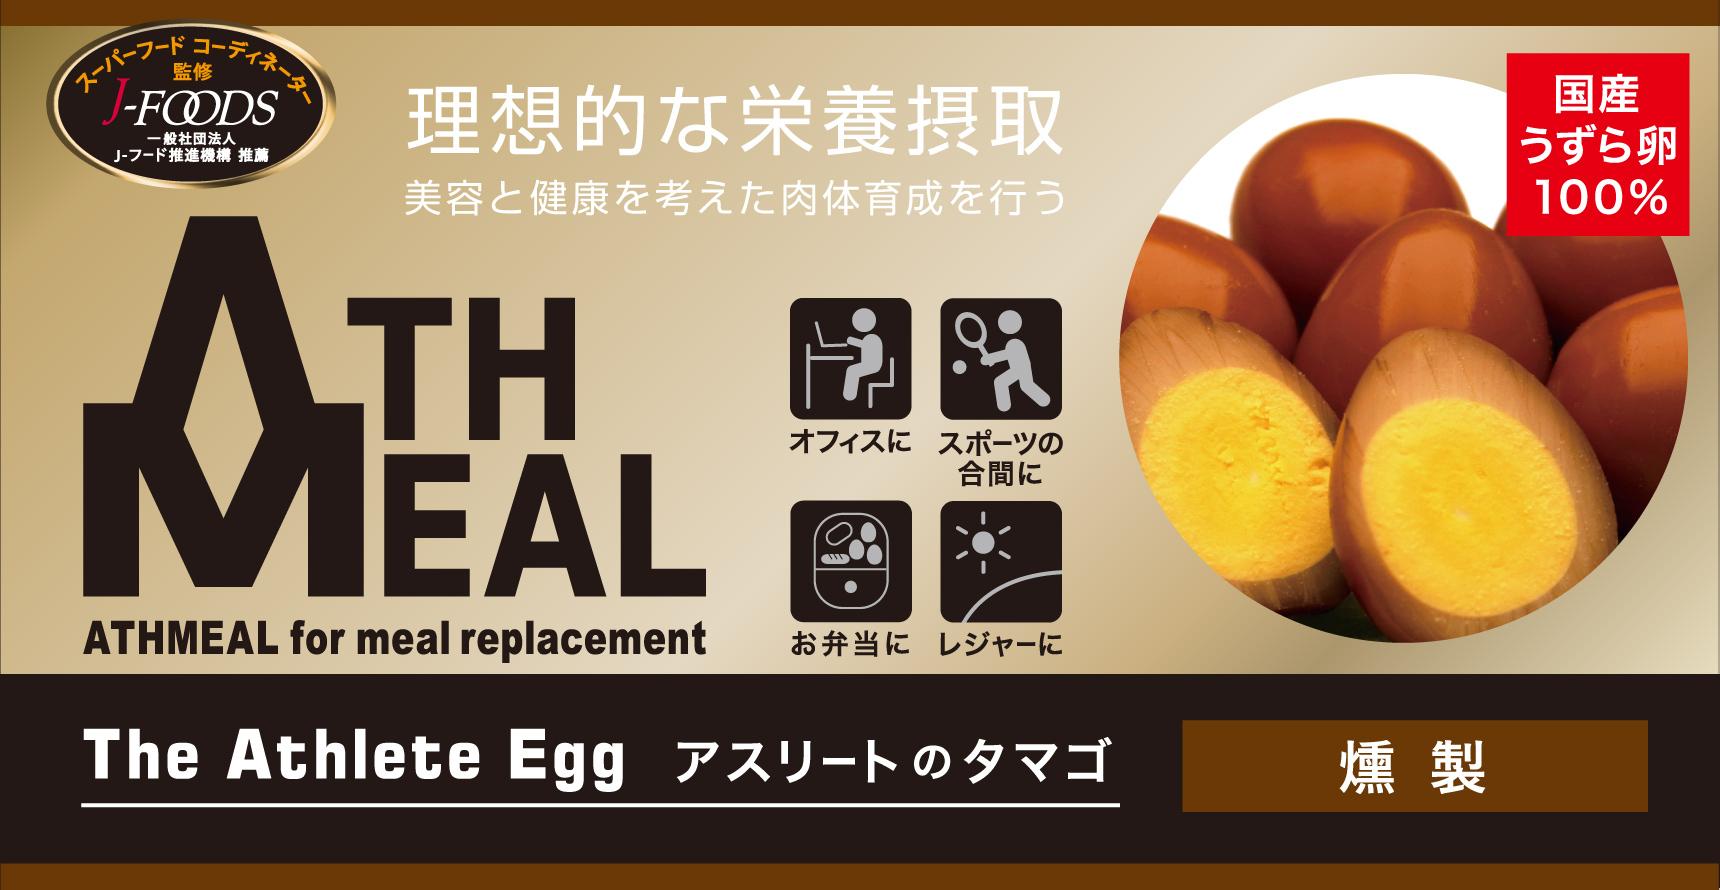 理想的な栄養摂取 美容と健康を考えた肉体育成を行う ATHMEAL 国産うずら卵100% オフィスに スポーツの合間に お弁当に レジャーに The Athlete Egg アスリートのタマゴ 燻製味